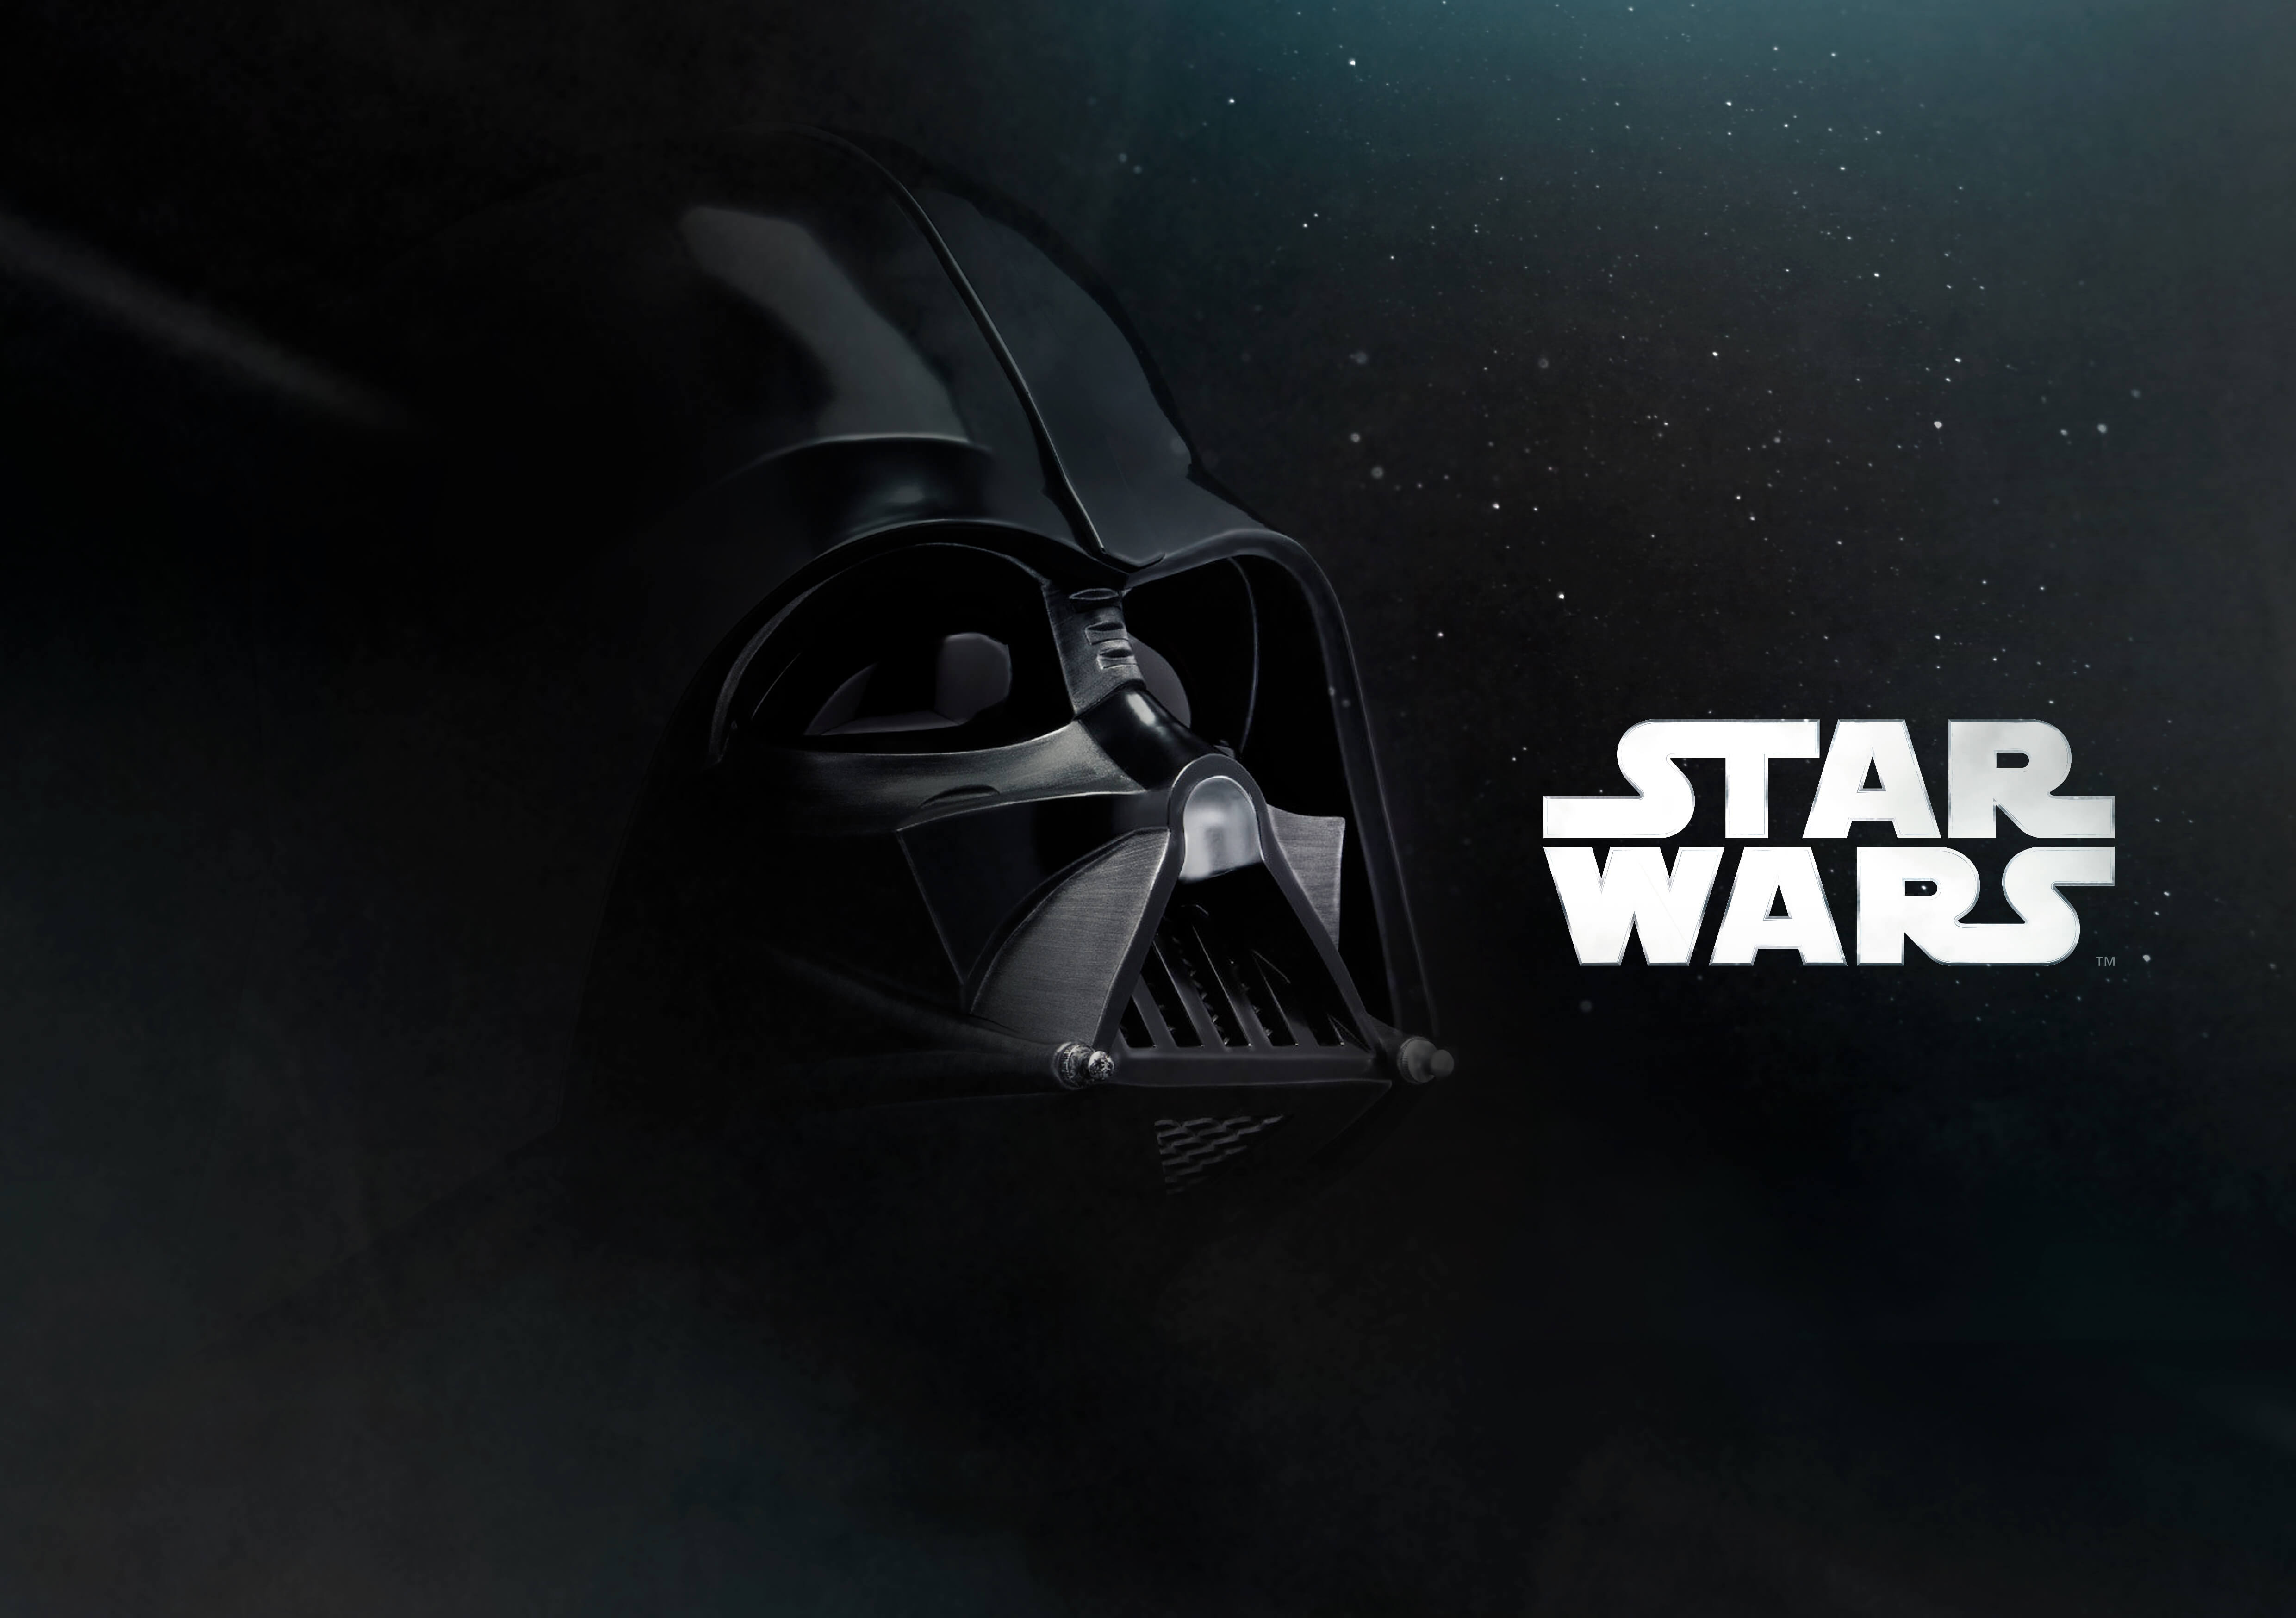 Gwiezdne wojny filmy gdzie obejrzeć hbo go